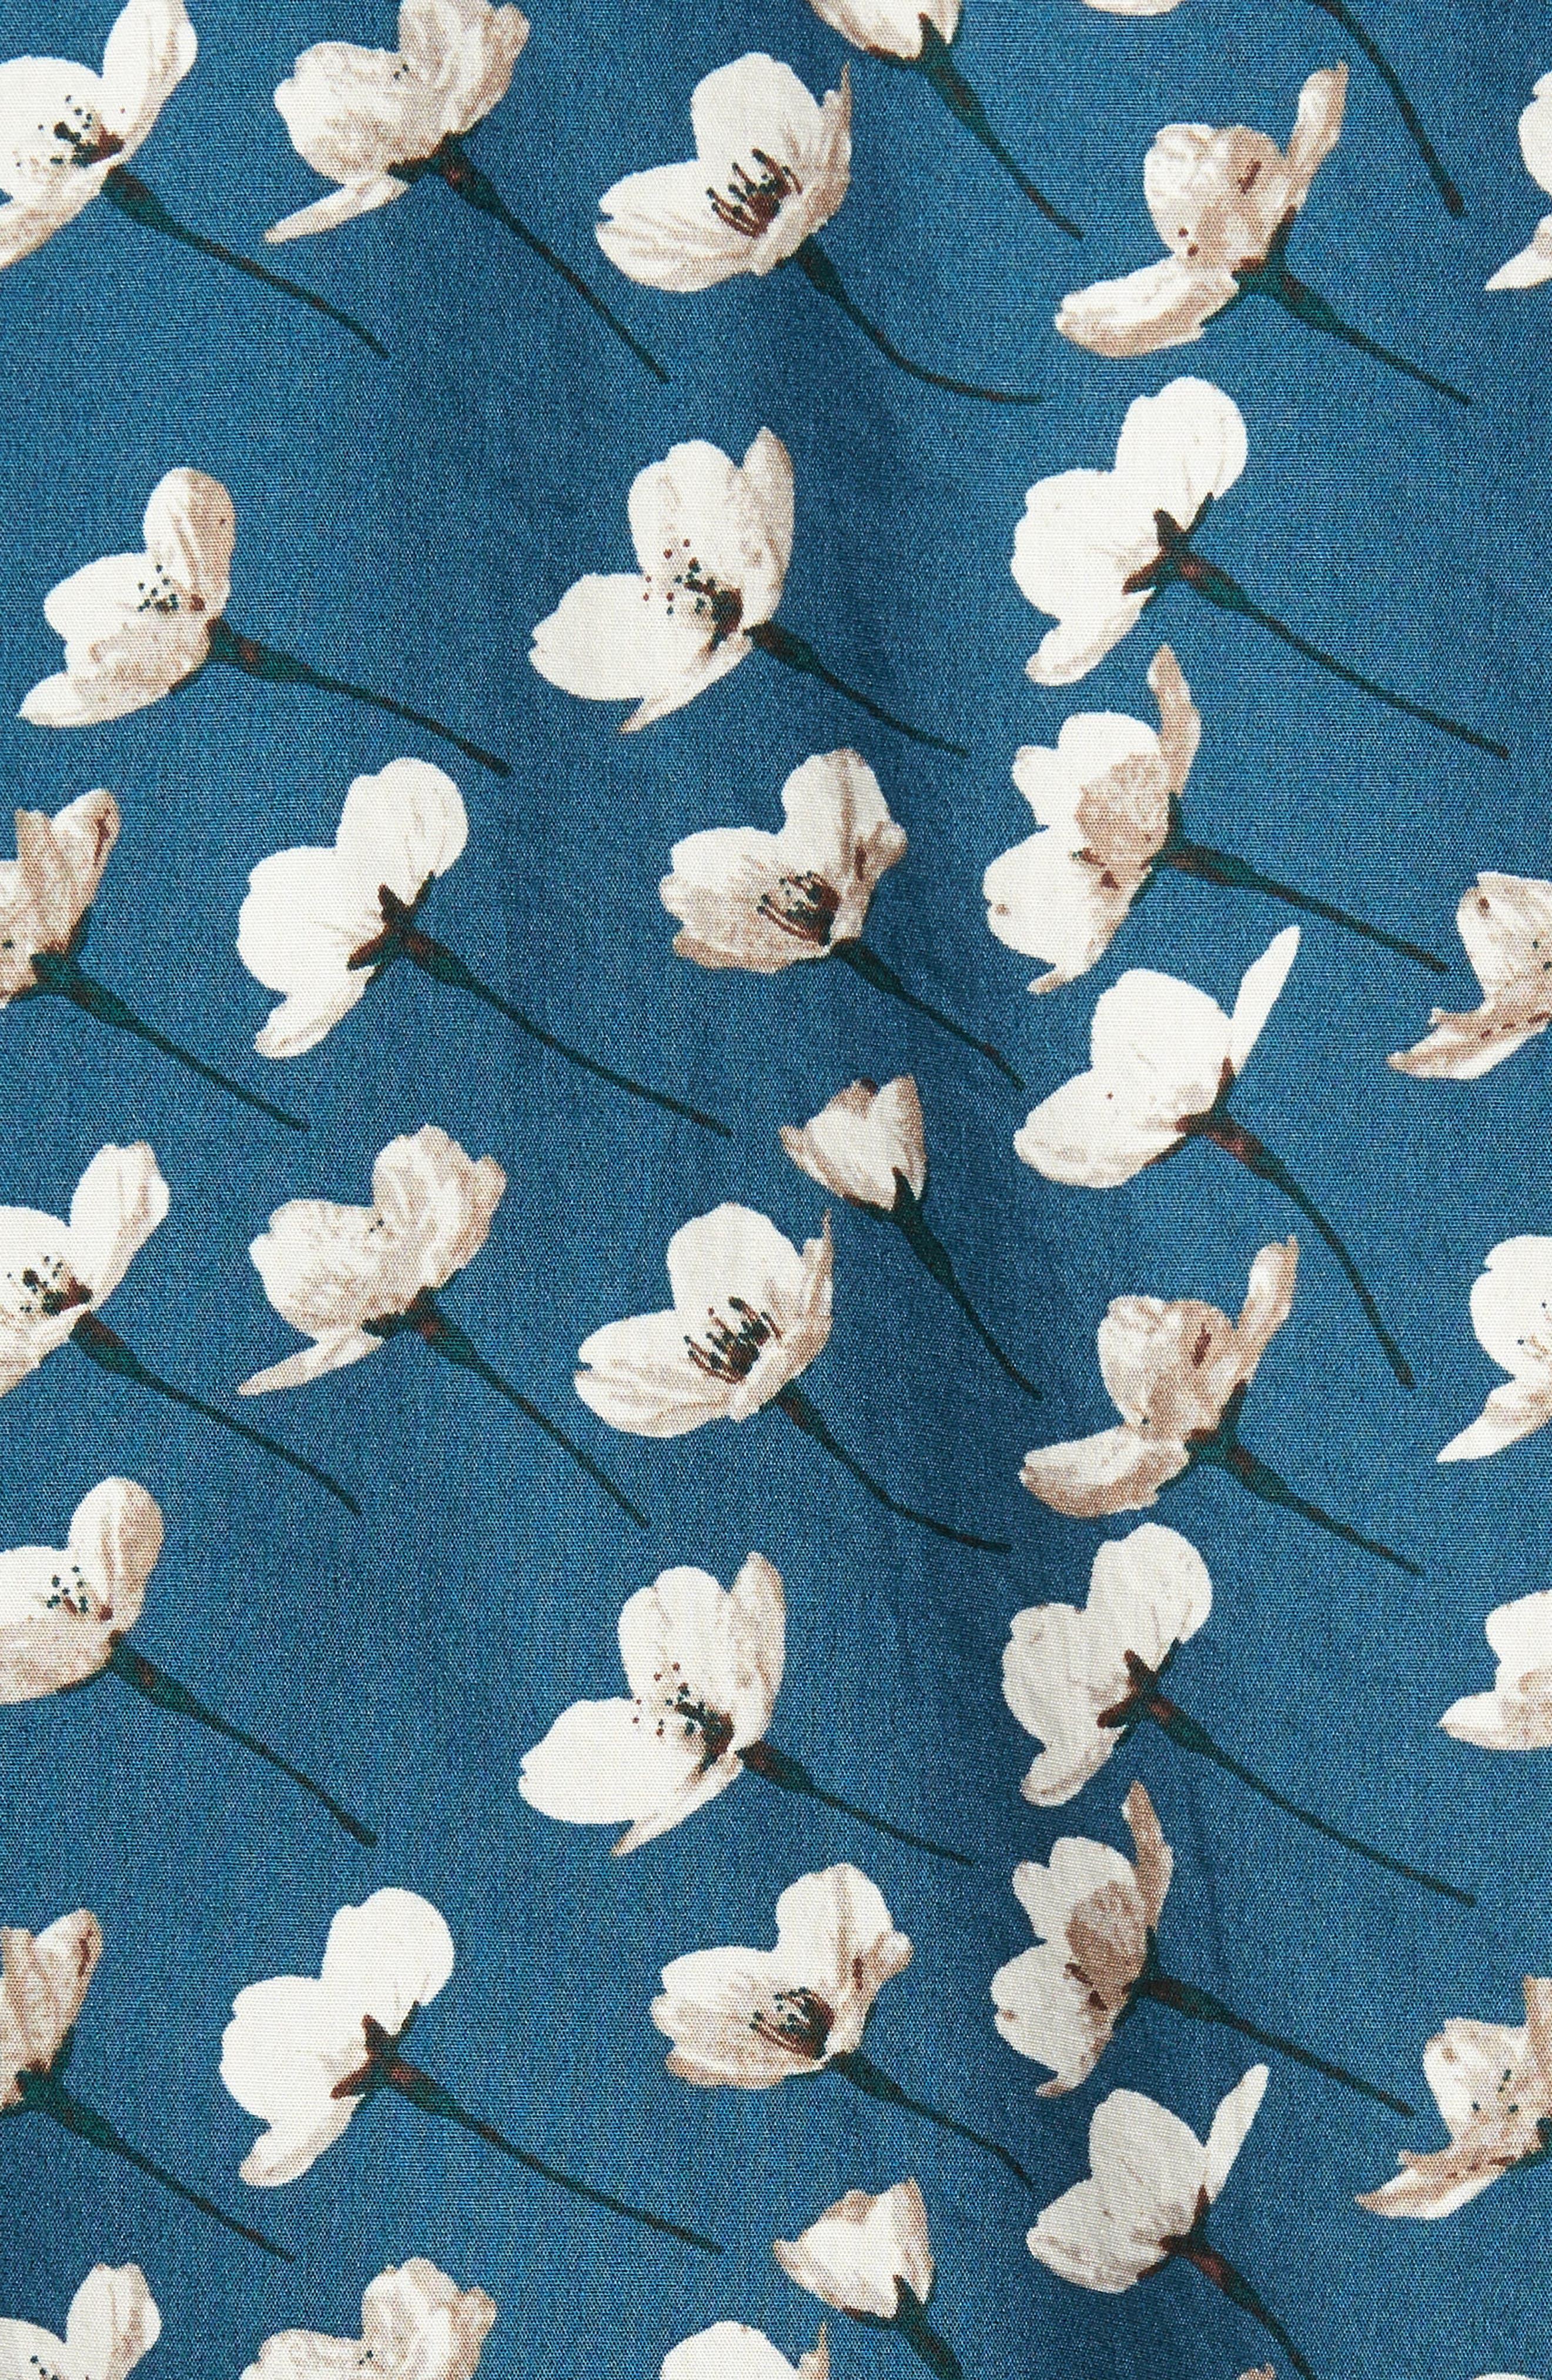 Riviera Slim Fit Cherry Blossom Print Sport Shirt,                             Alternate thumbnail 3, color,                             Cherry Blossoms-Stargazer